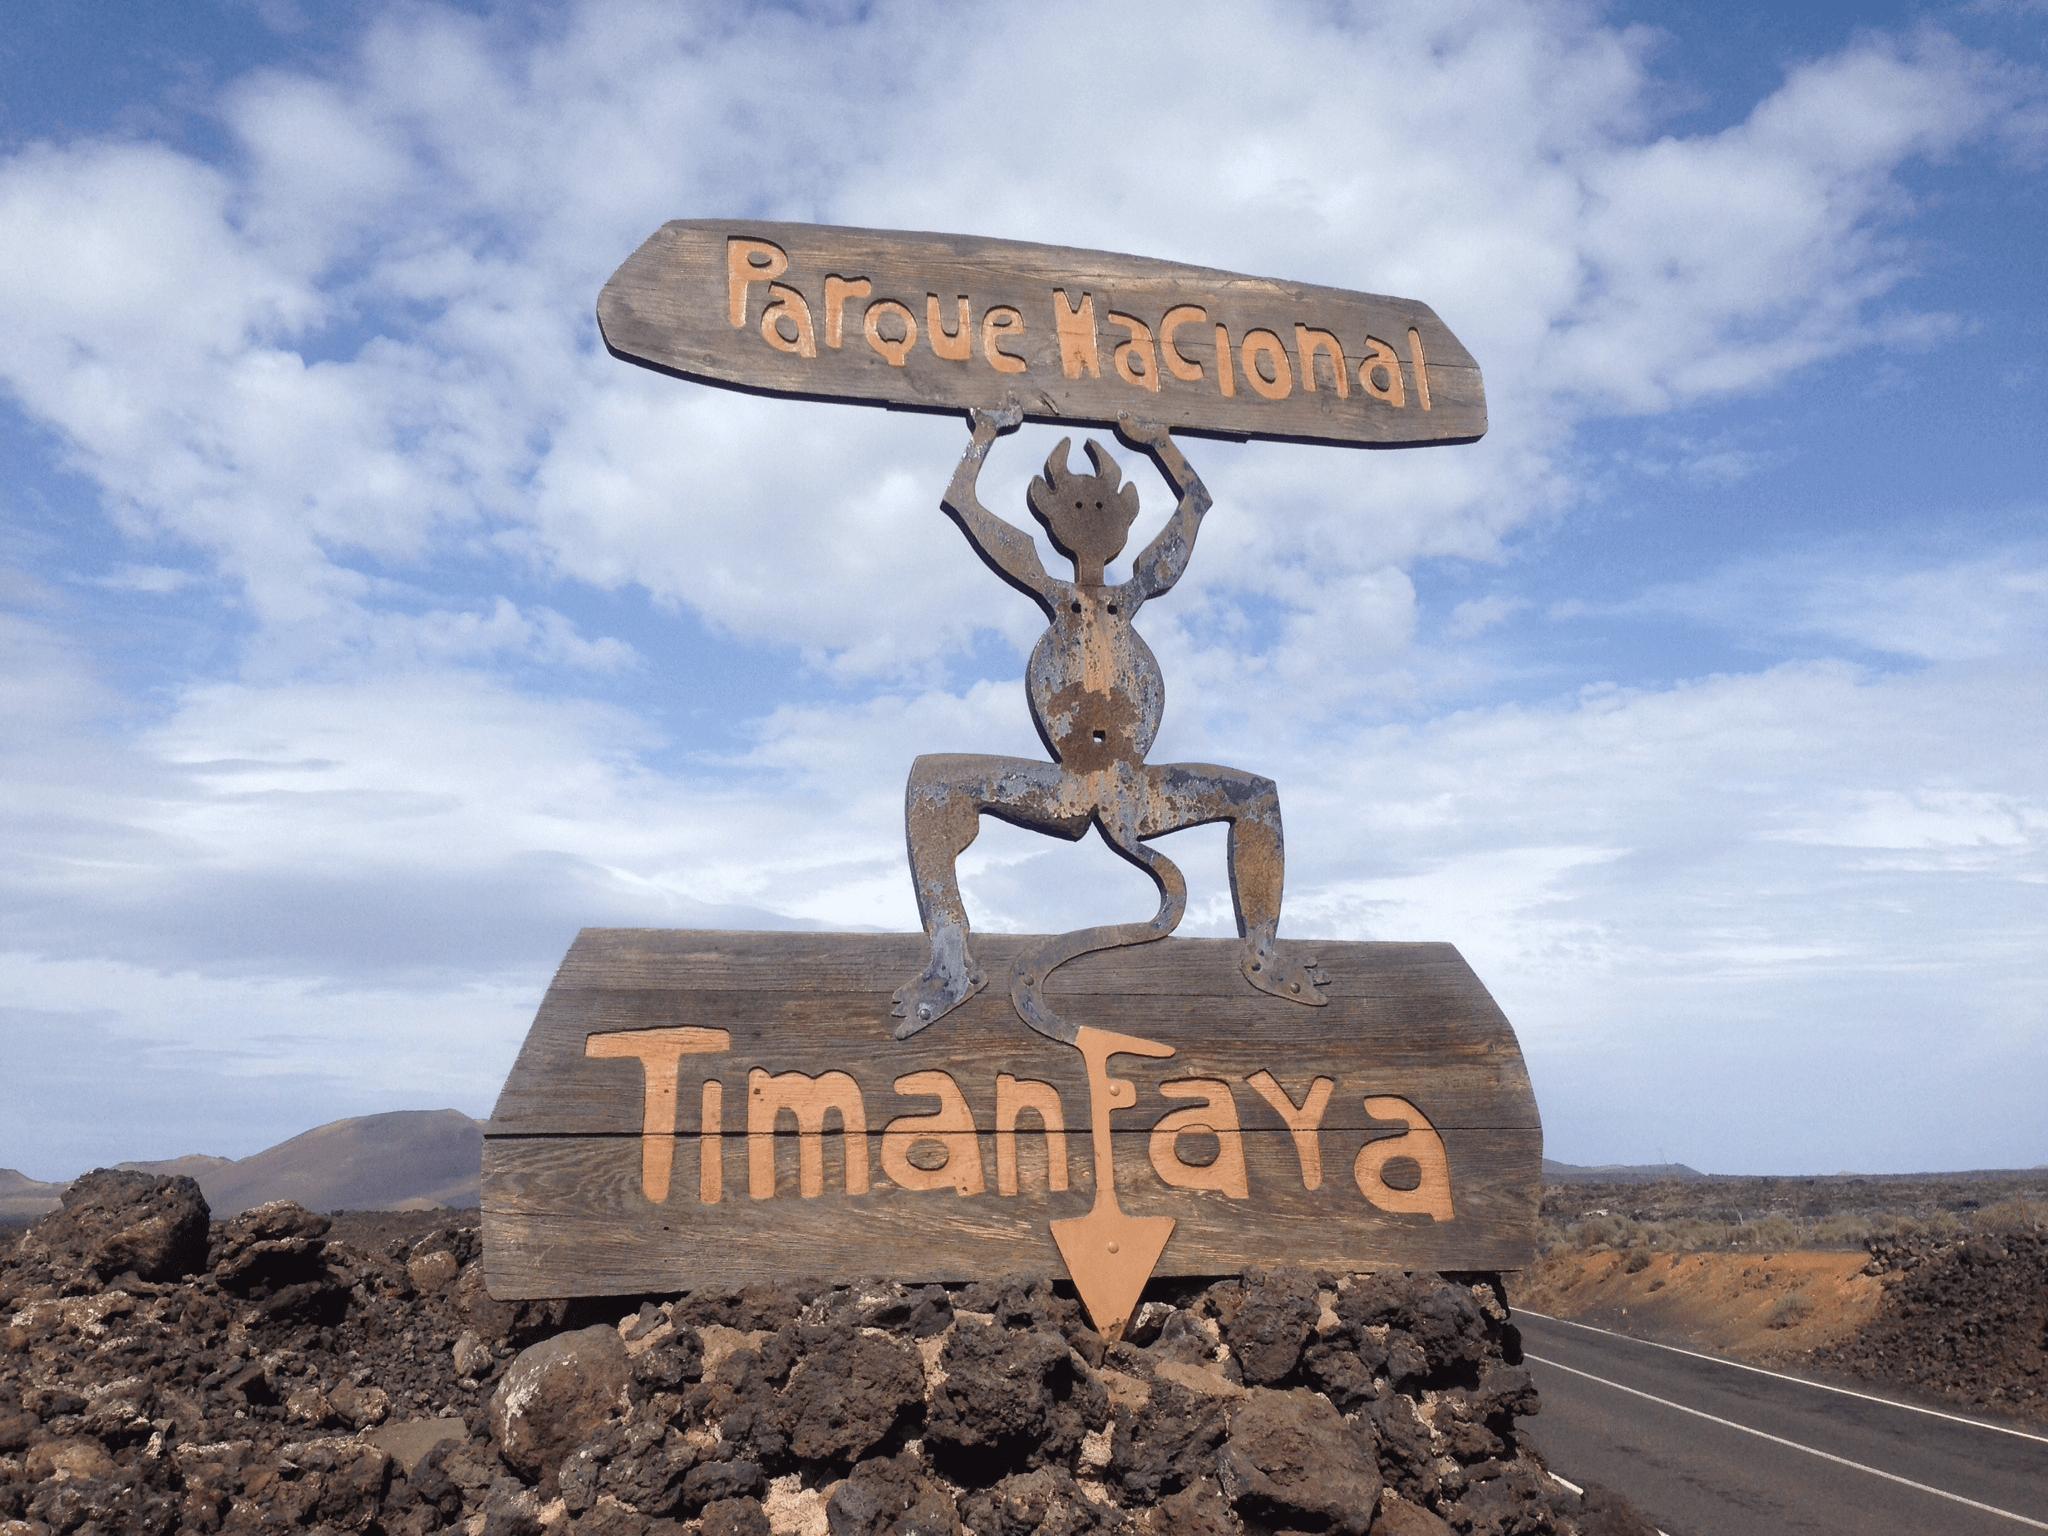 Parque Nacional del Timanfaya